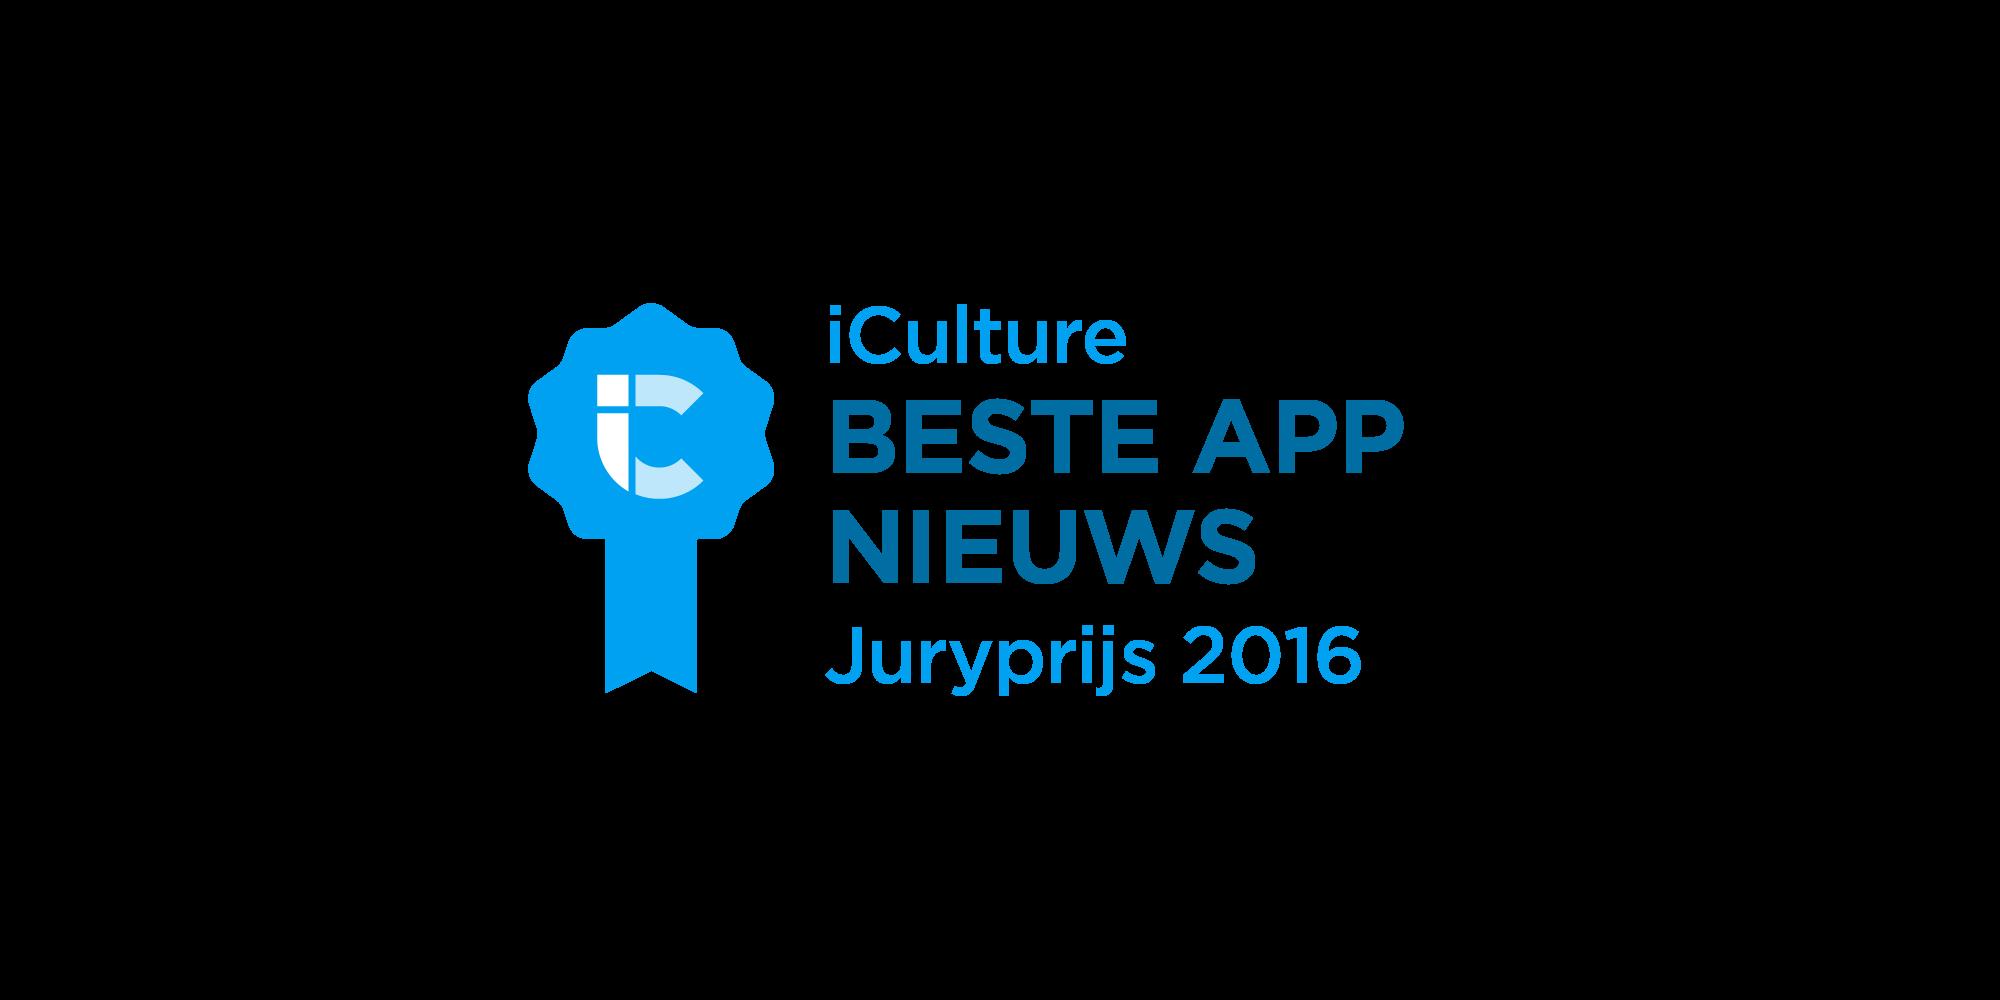 iCulture Beste App Nieuws 2016